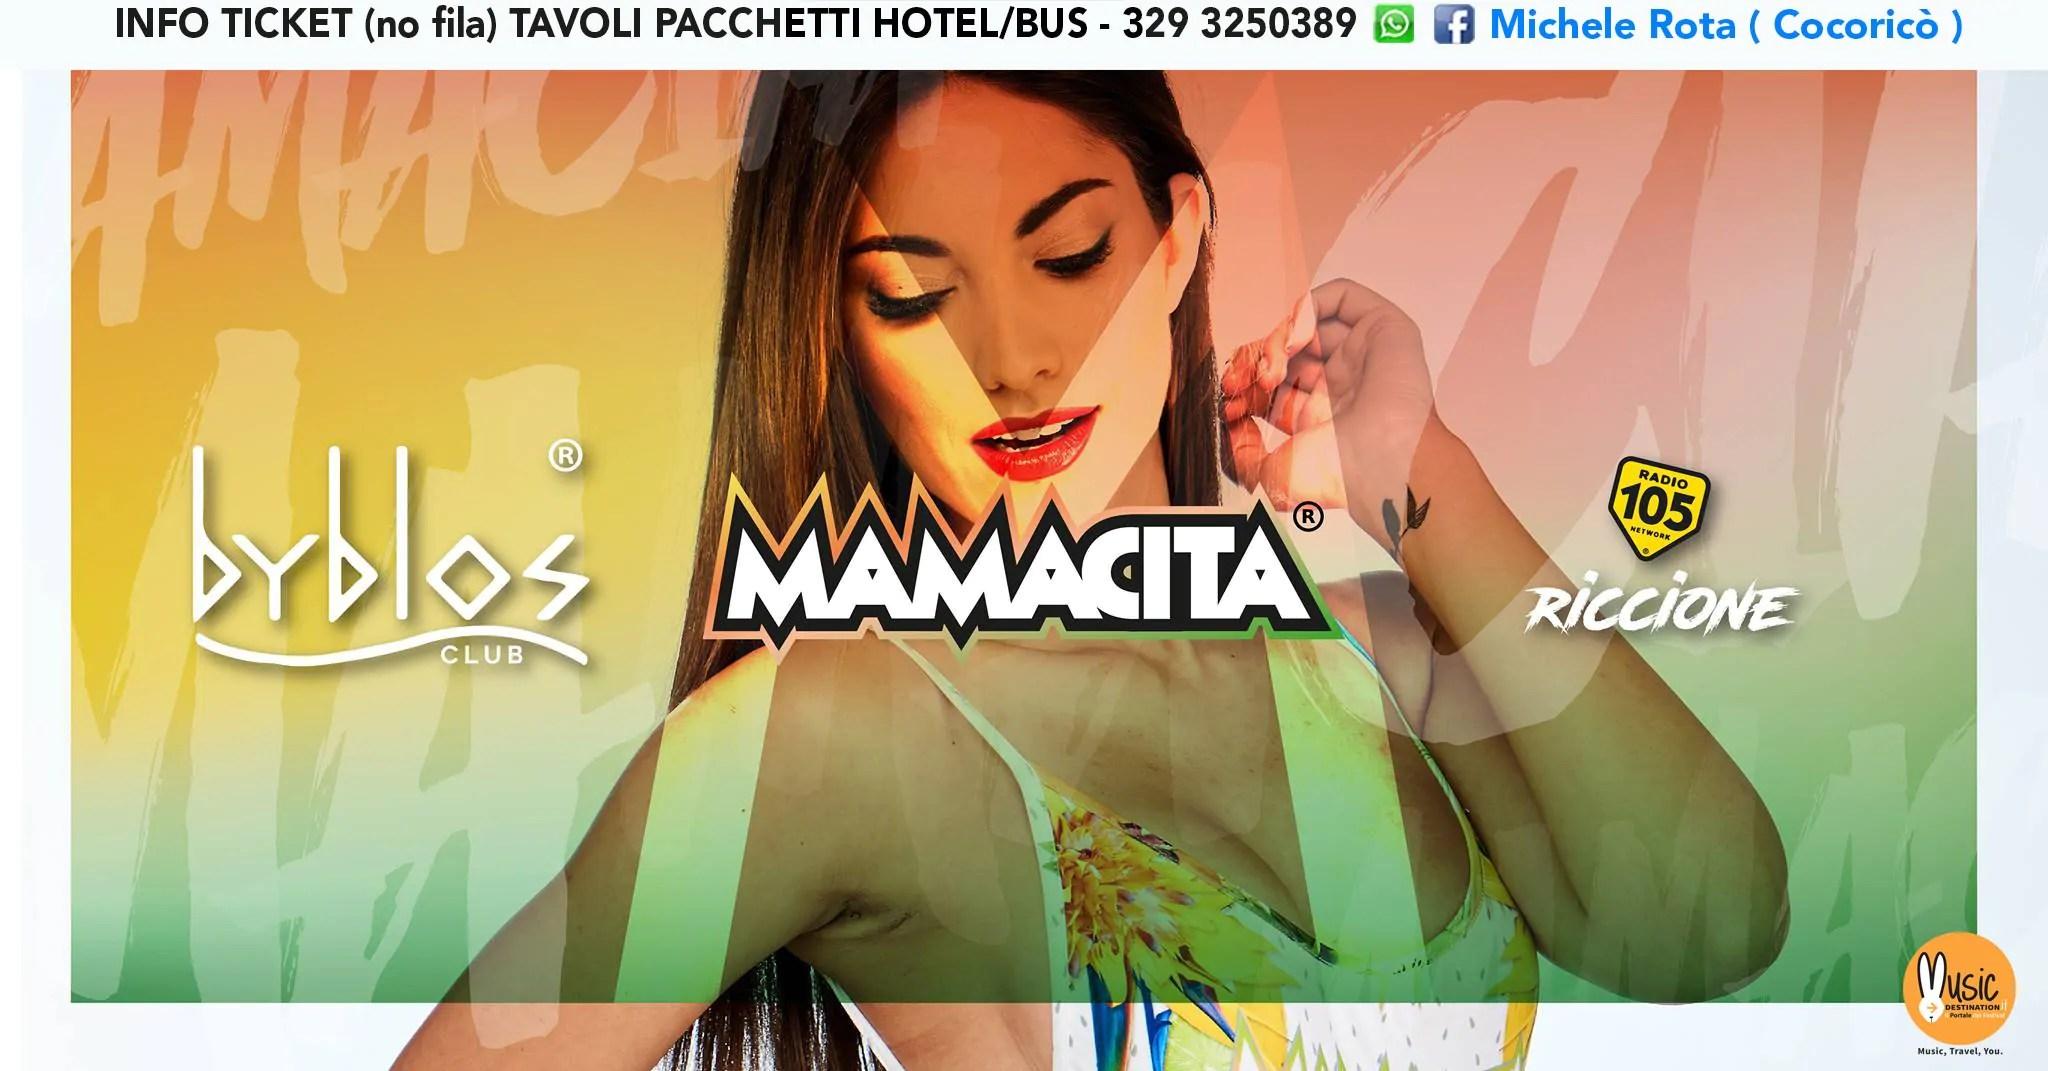 Mamacita al Byblos Riccione – Martedì 17 Luglio 2018   Ticket Tavoli Pacchetti hotel Prevendite